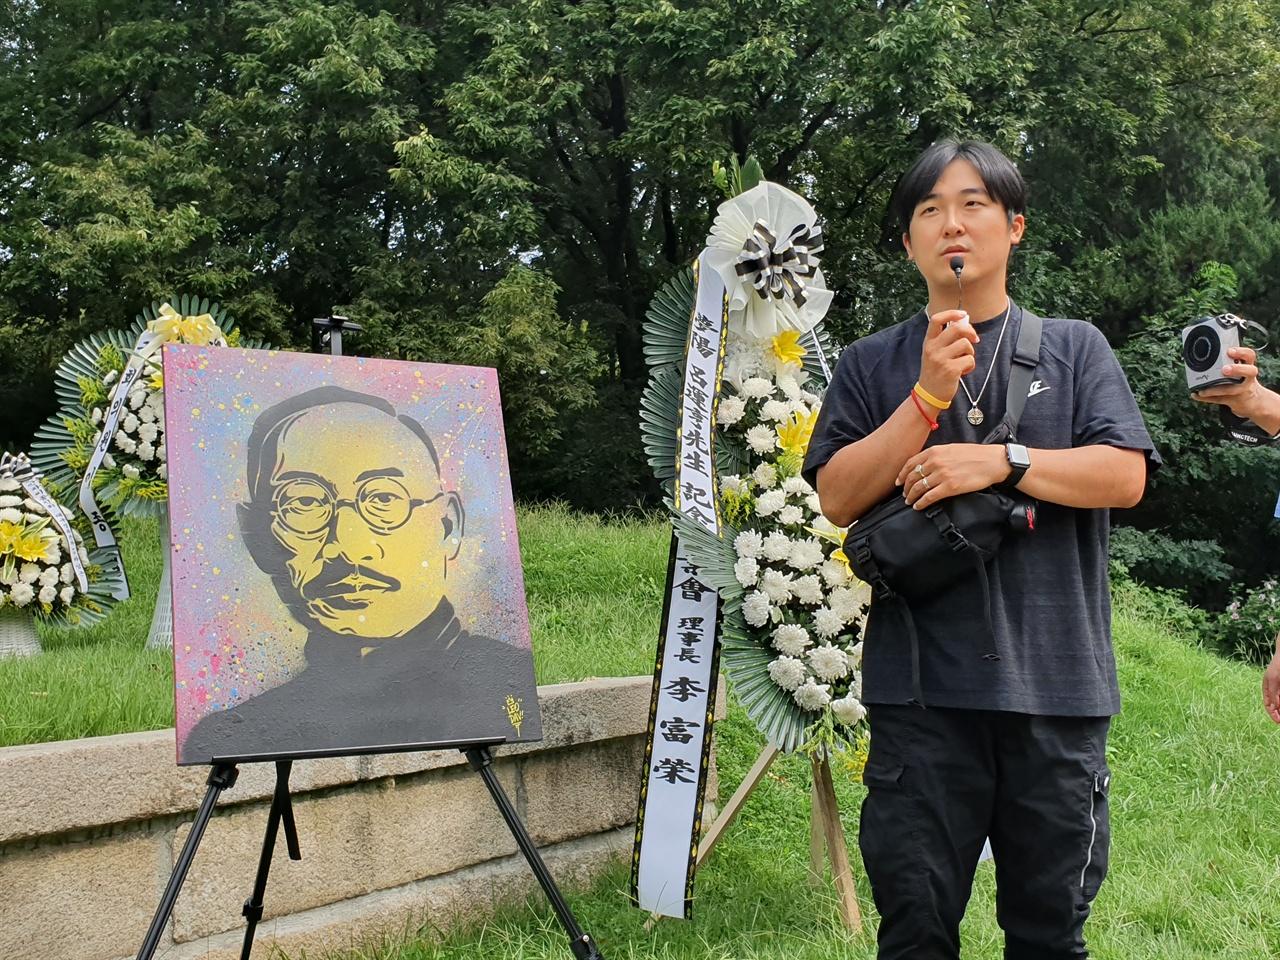 차리석 선생의 그라피티 초상화를 헌정한 레오다브 최성욱 작가